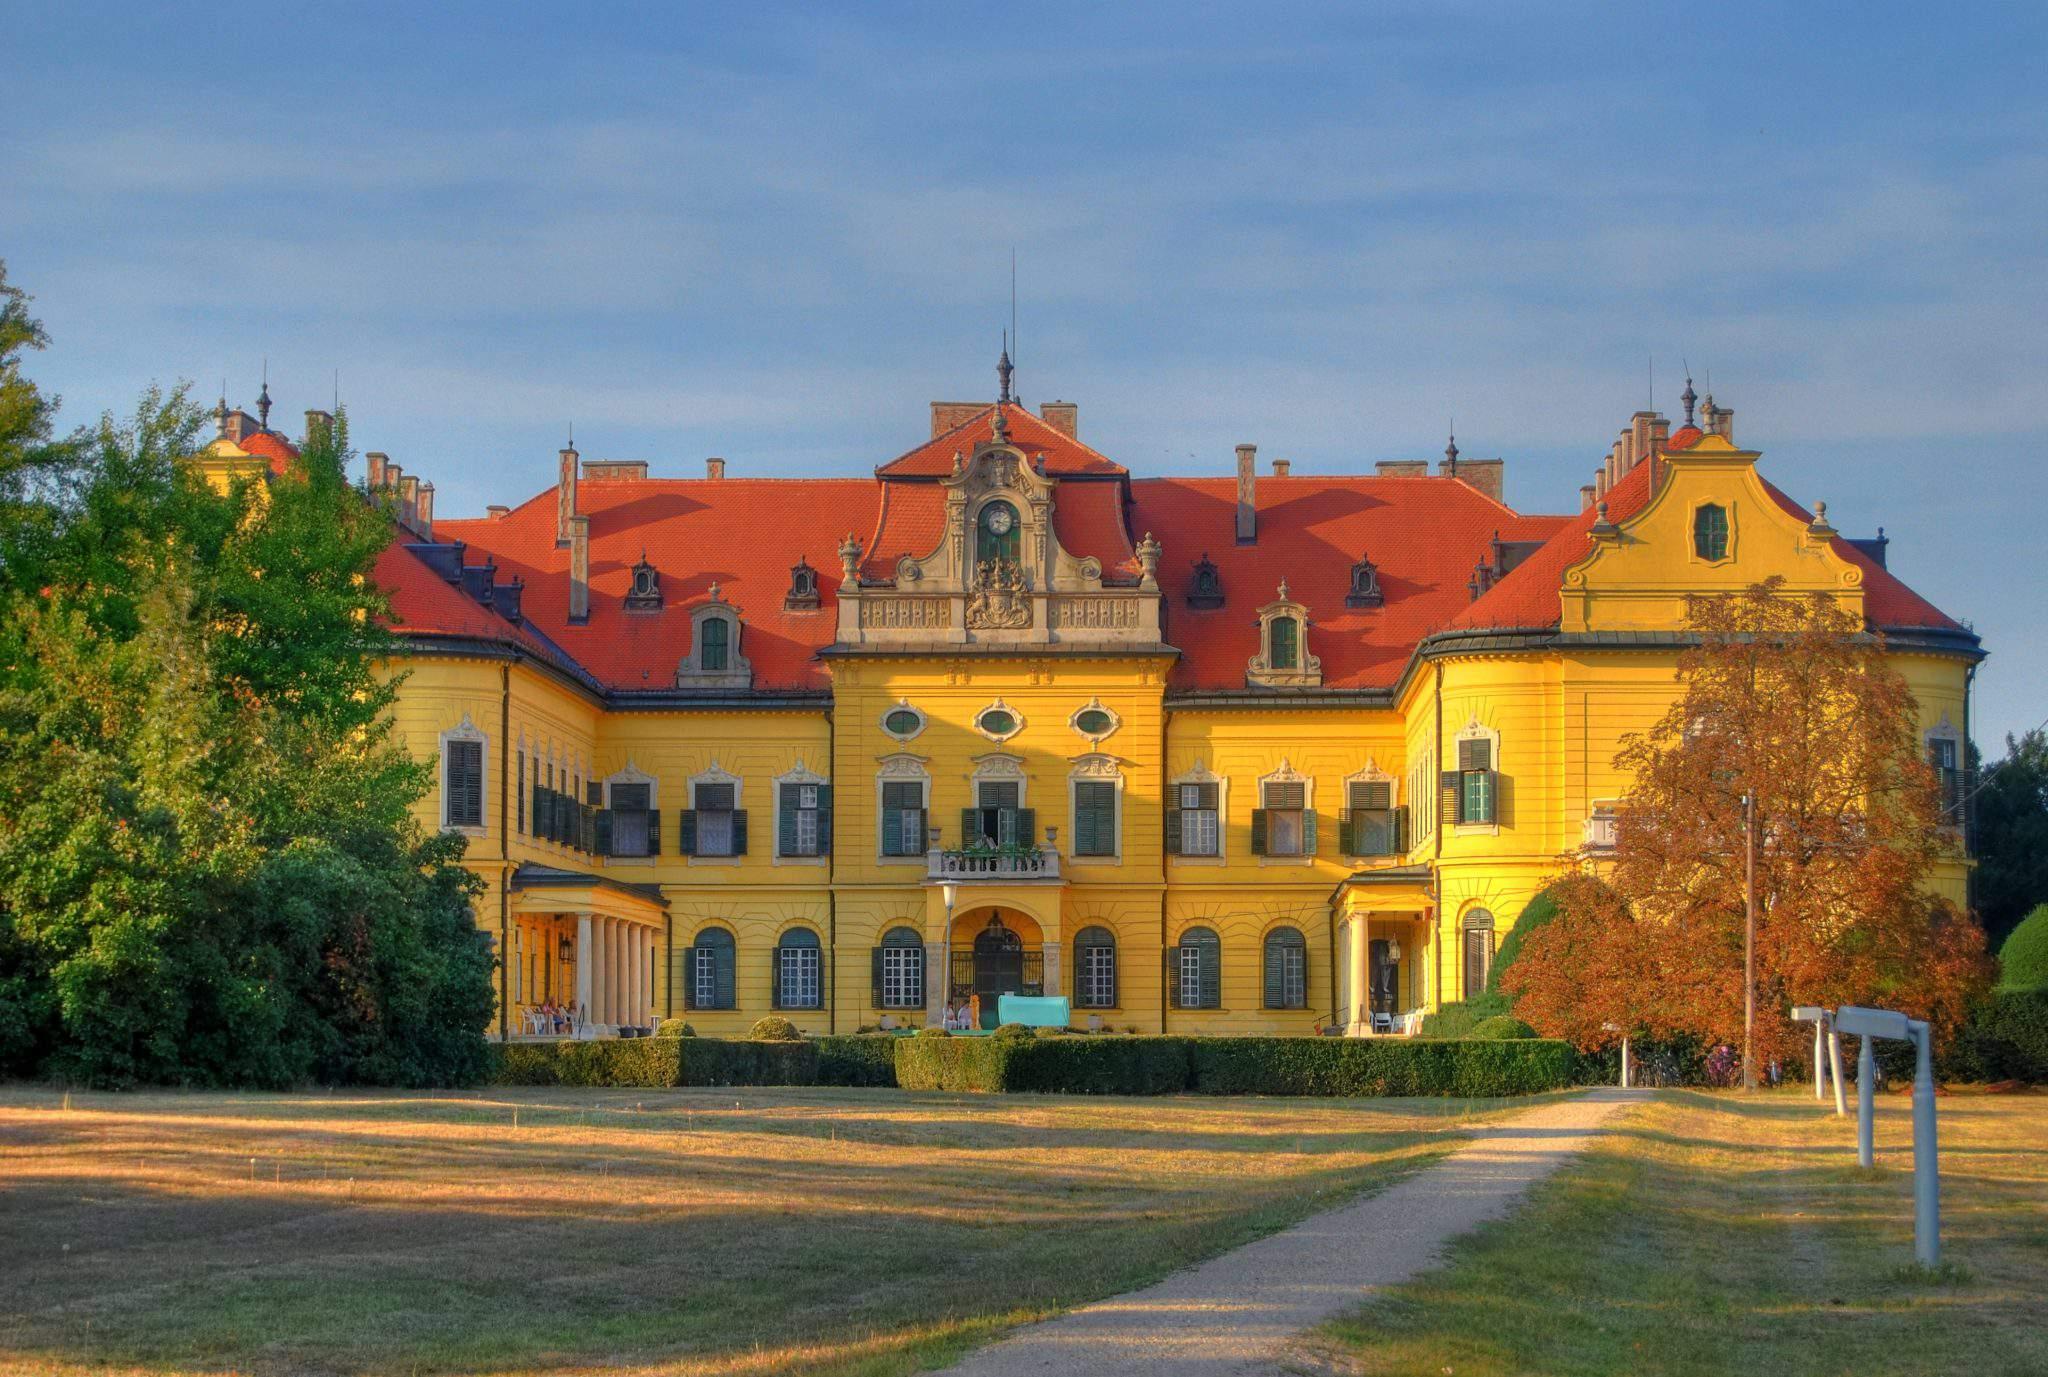 Nagymagocs Karolyi kastély Castle